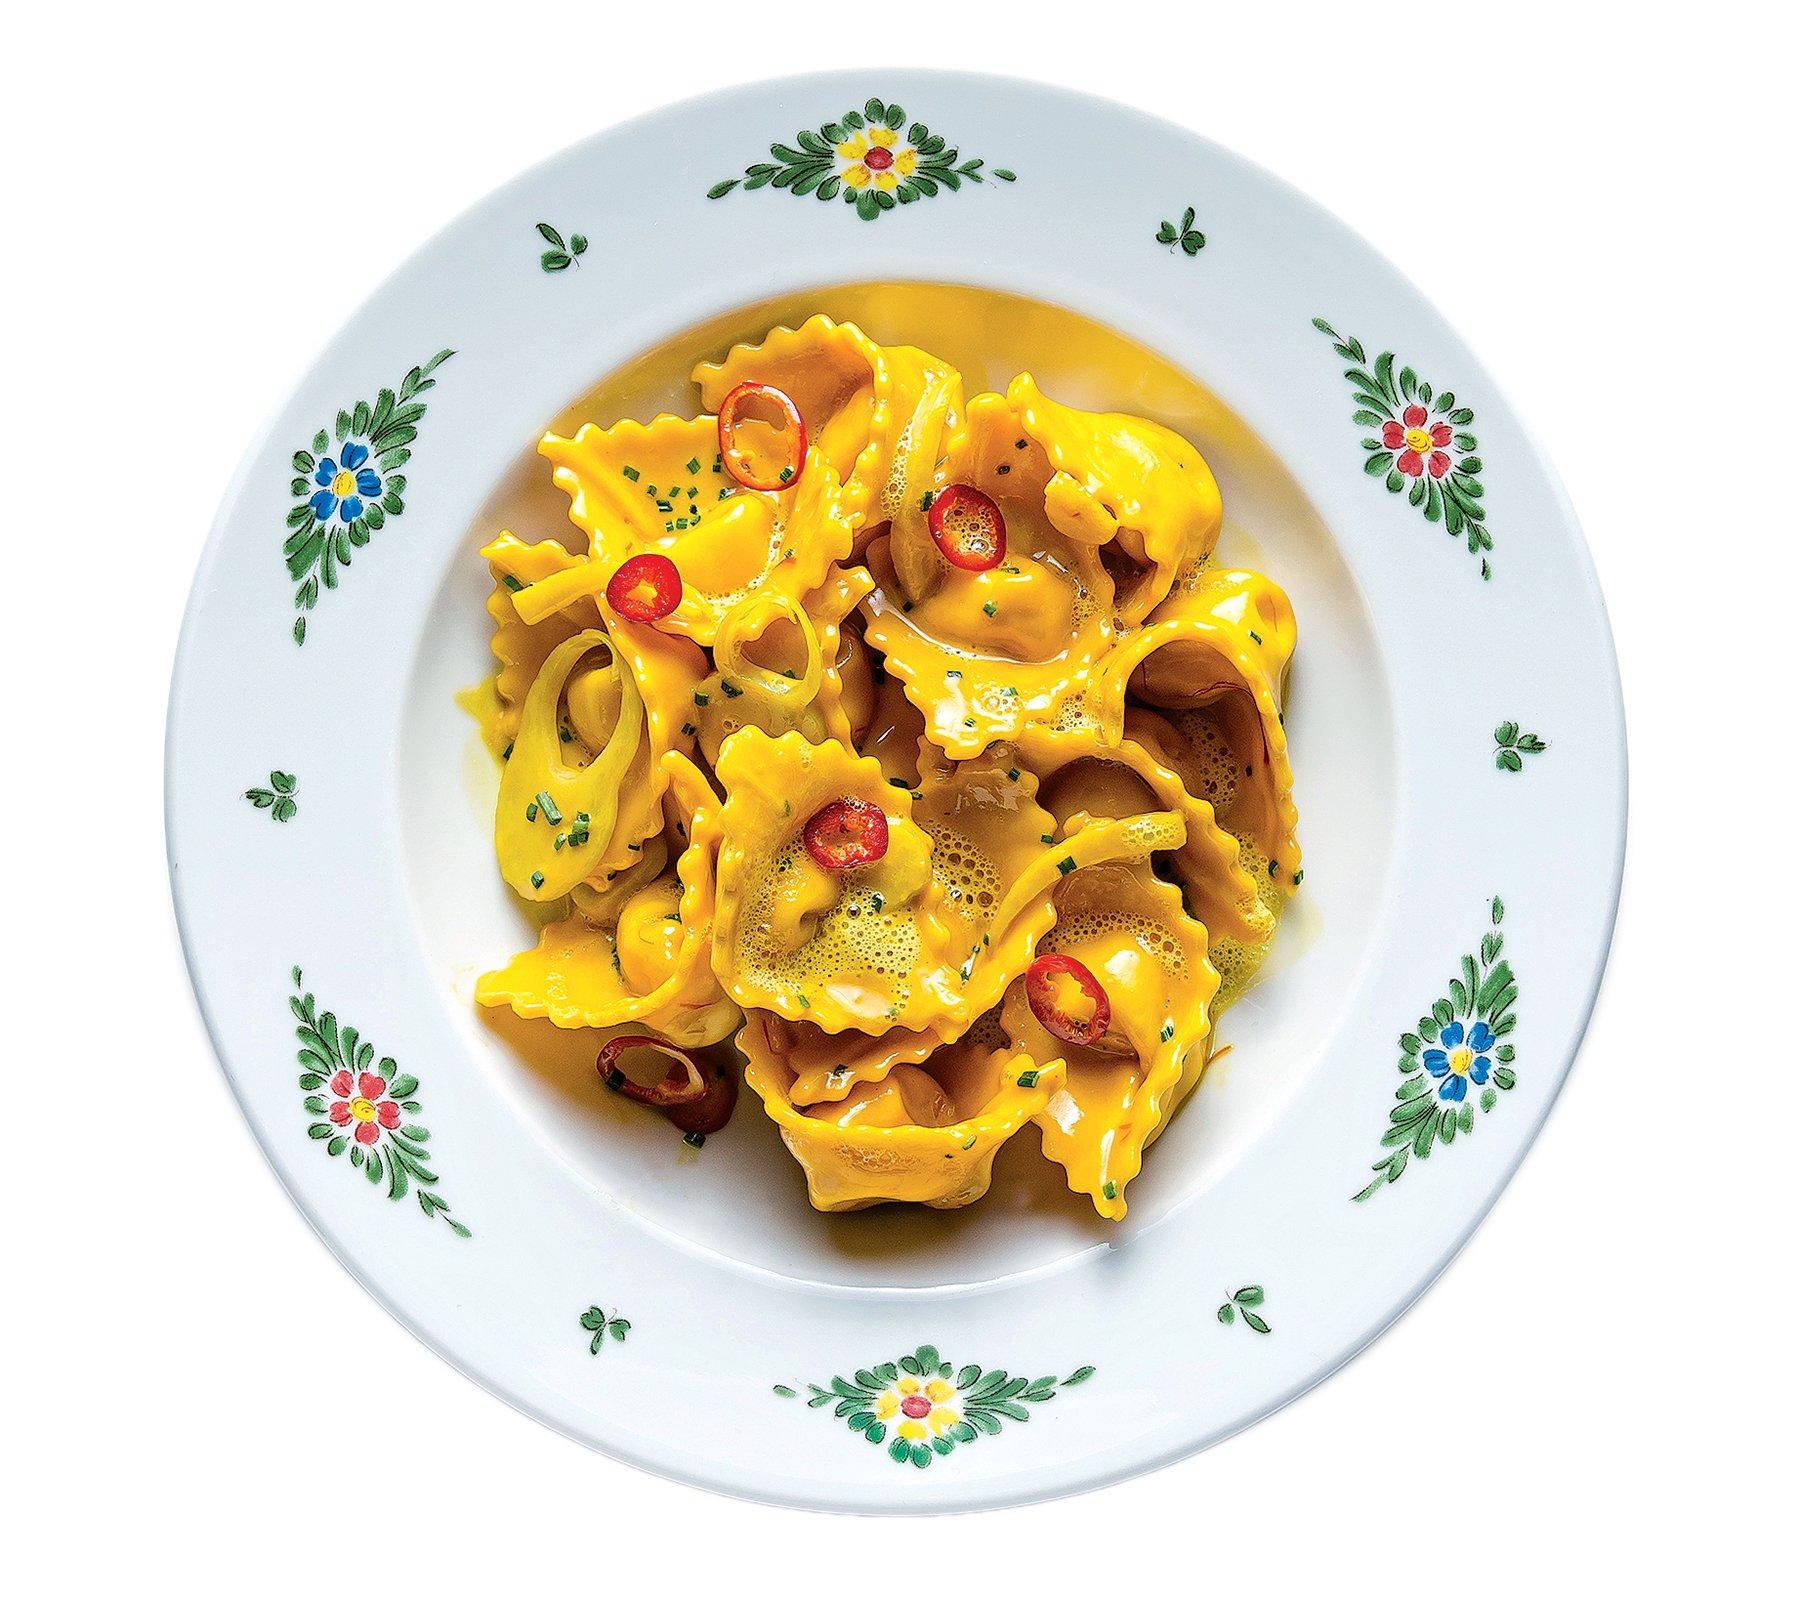 Crab tortellacci at Osteria Morini.